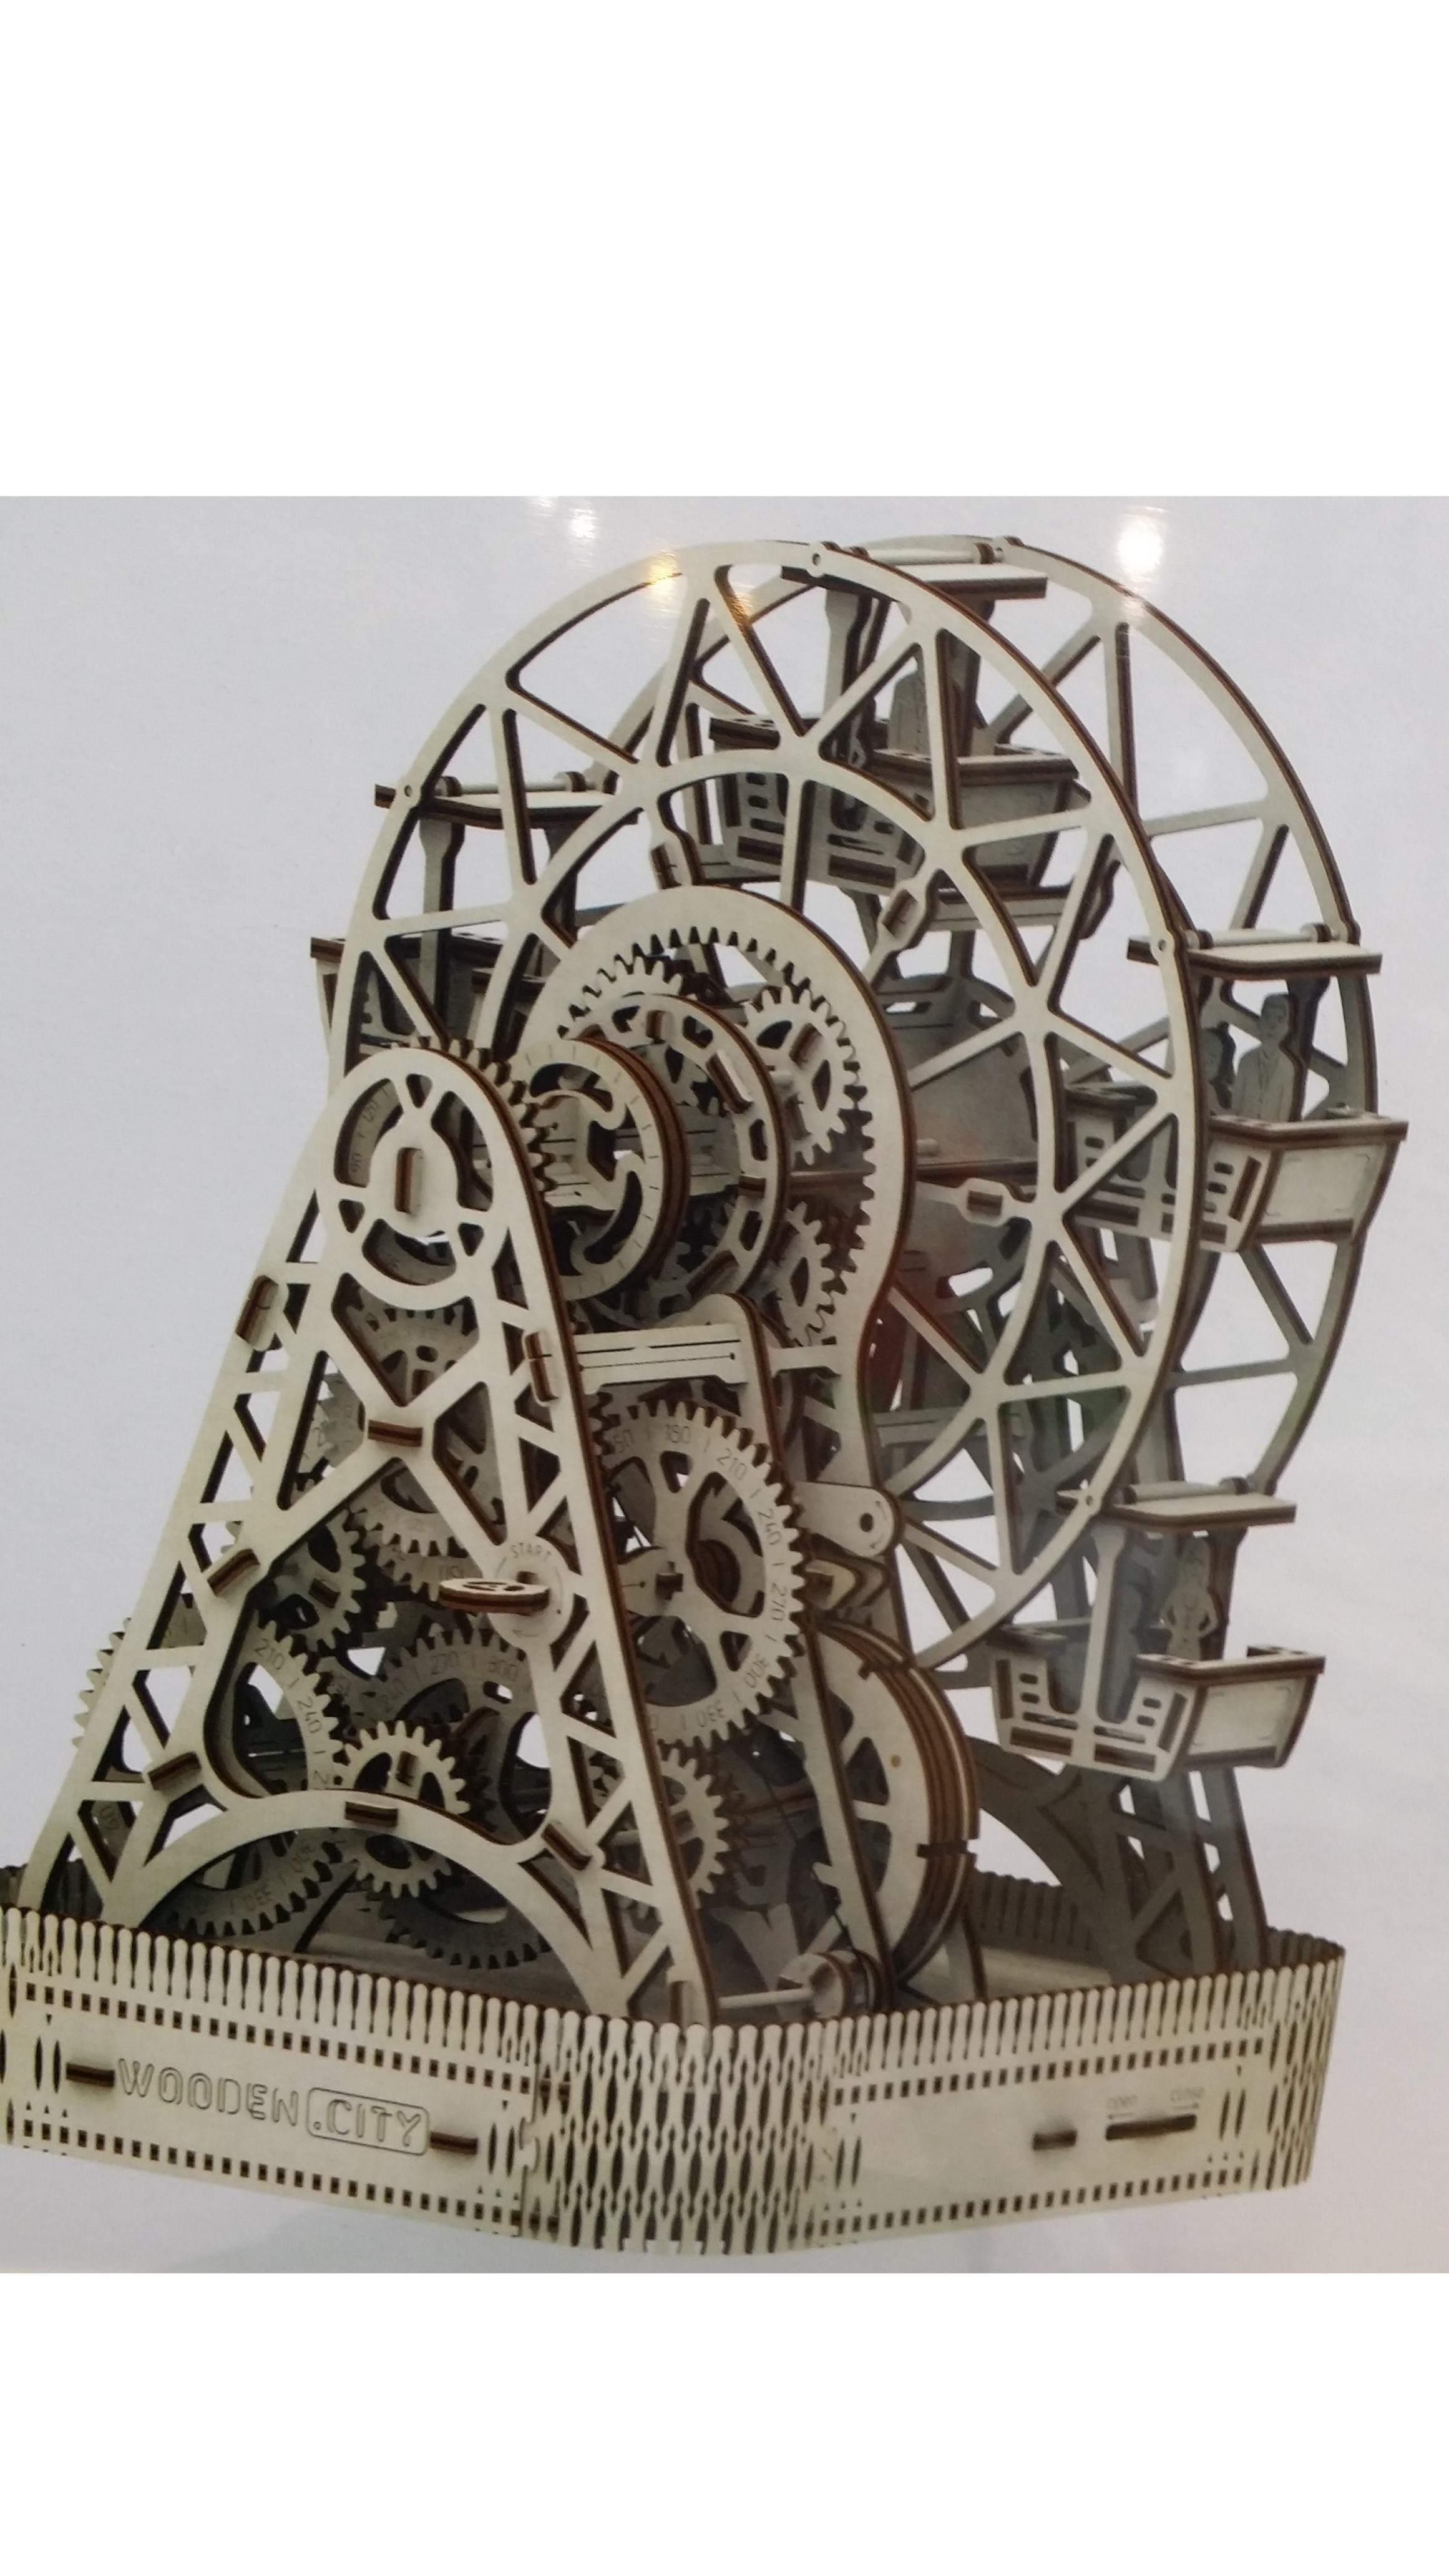 Puzzle 3D 'Ruota panoramica' con movimento